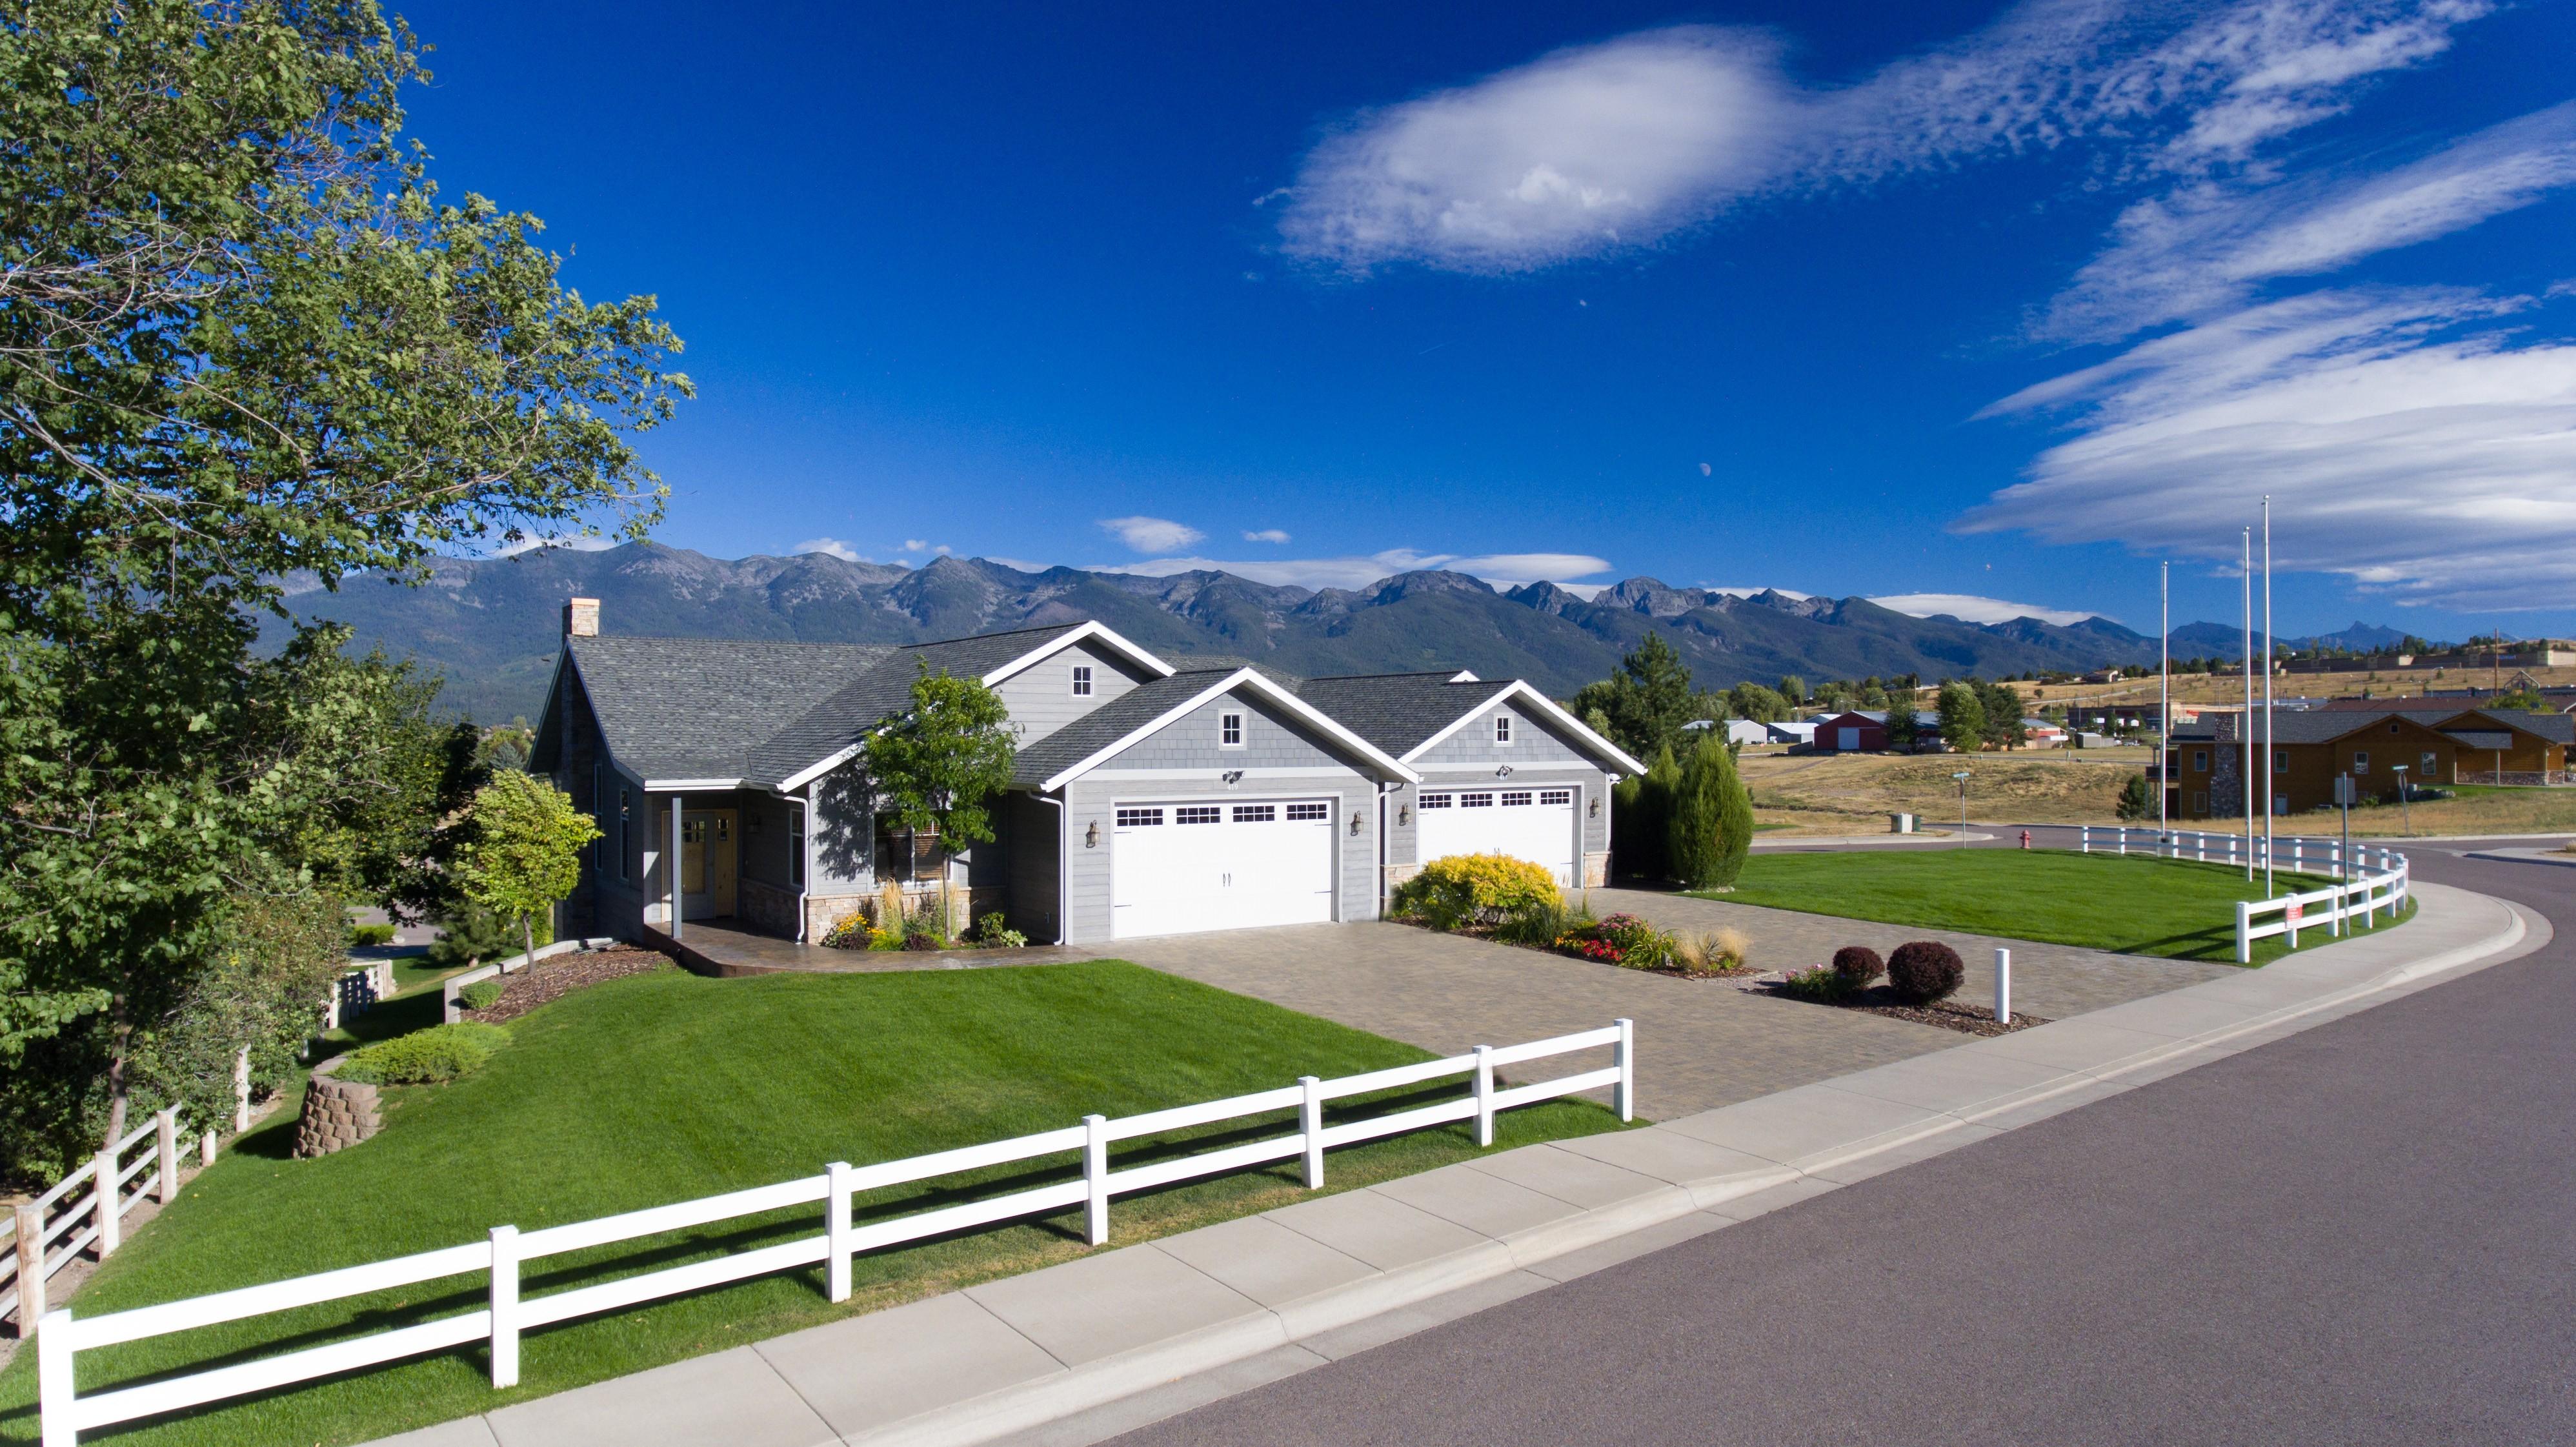 Casa unifamiliar adosada (Townhouse) por un Venta en Polson 419 Timberwolf Dr Polson, Montana, 59860 Estados Unidos